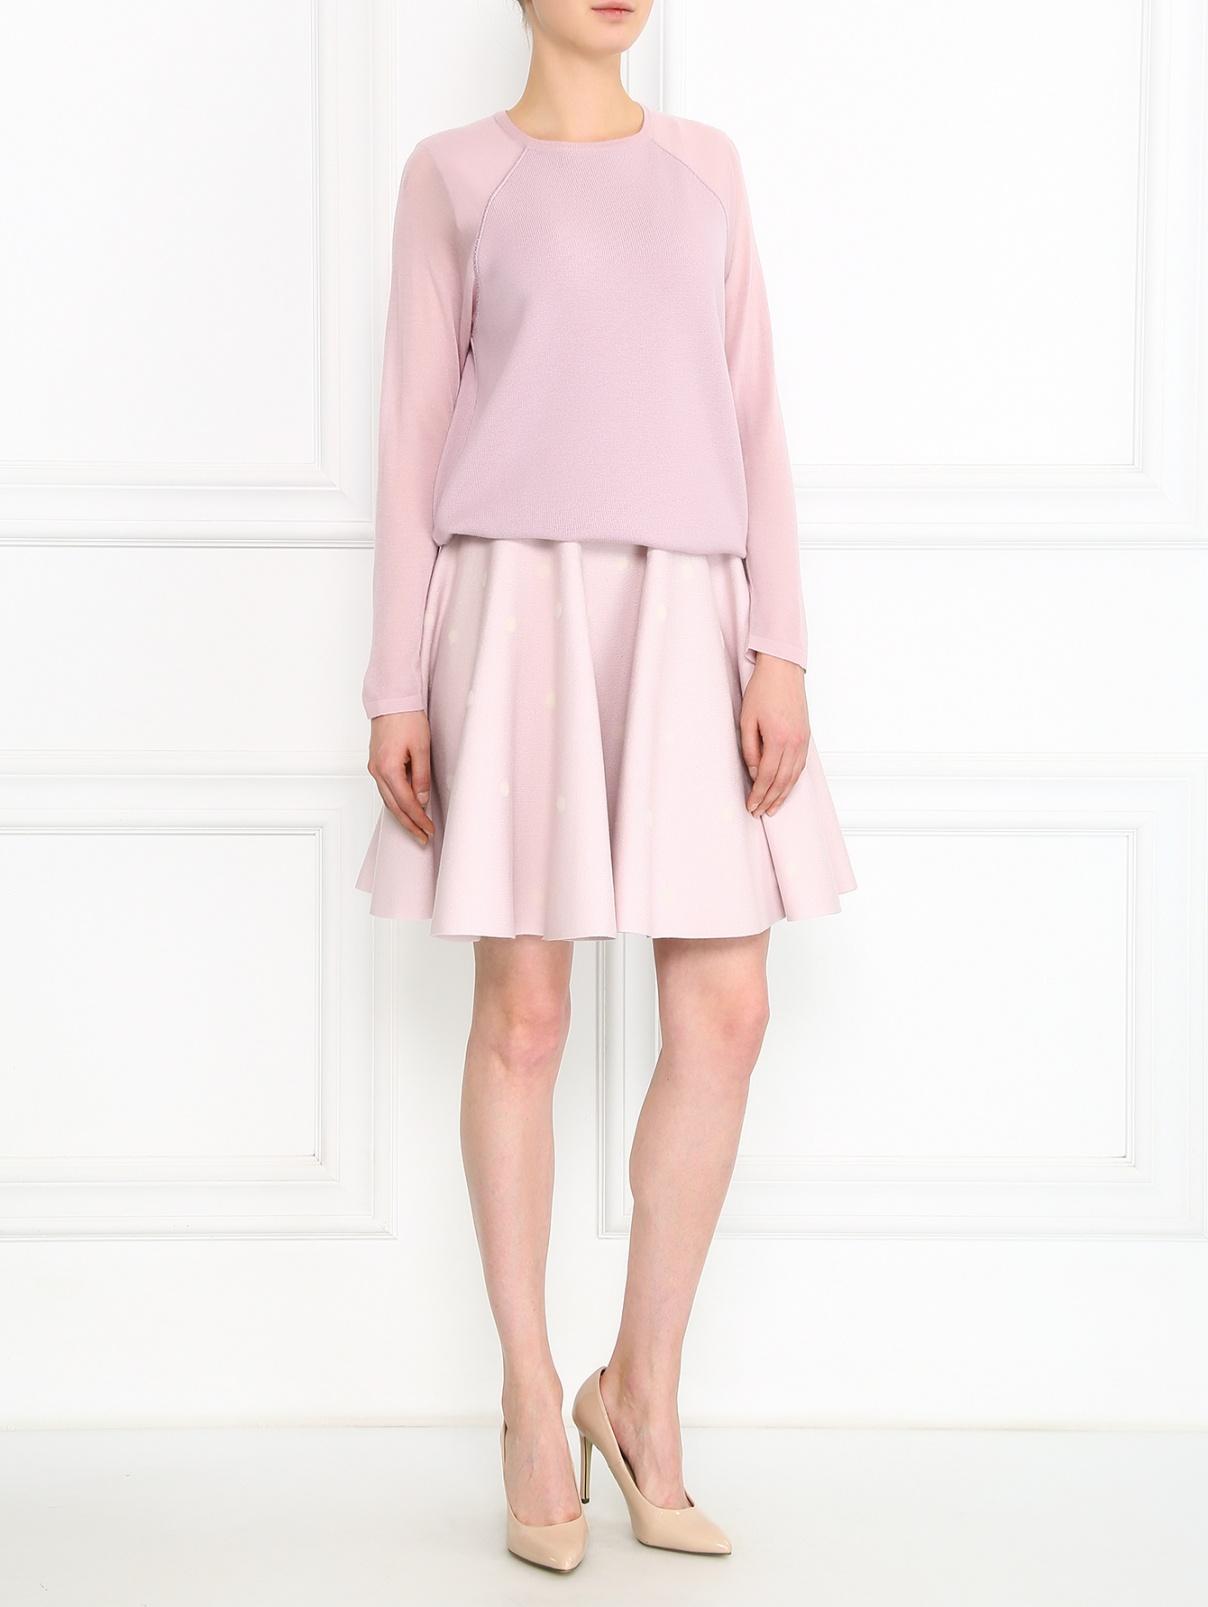 Джемпер из шерсти и кашемира мелкой вязки Giambattista Valli  –  Модель Общий вид  – Цвет:  Розовый